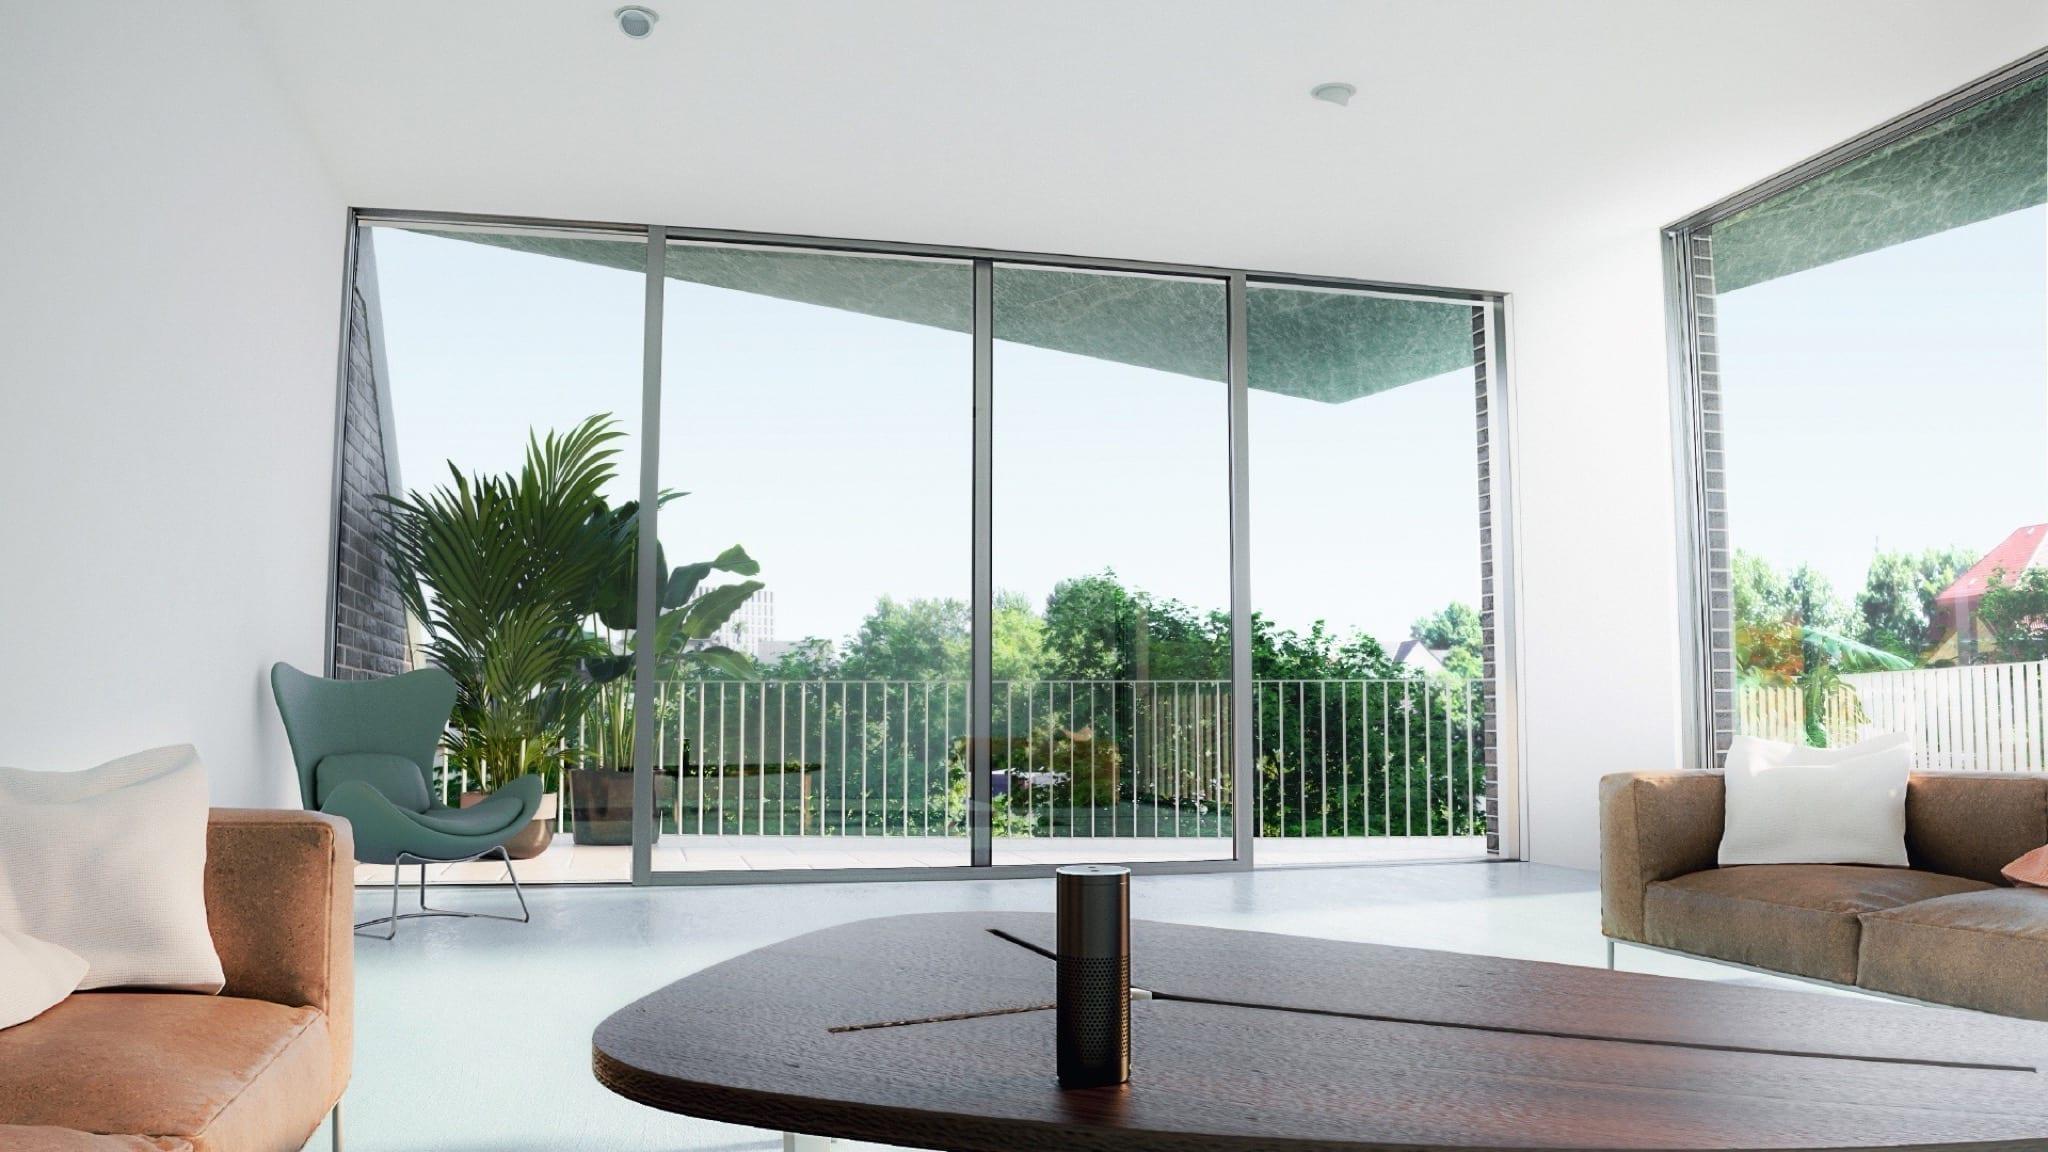 BSC m Ansteuerung Alexa copy - Soluțiile Smart Home de la Schüco, pentru confort, siguranță și eficiență energetică